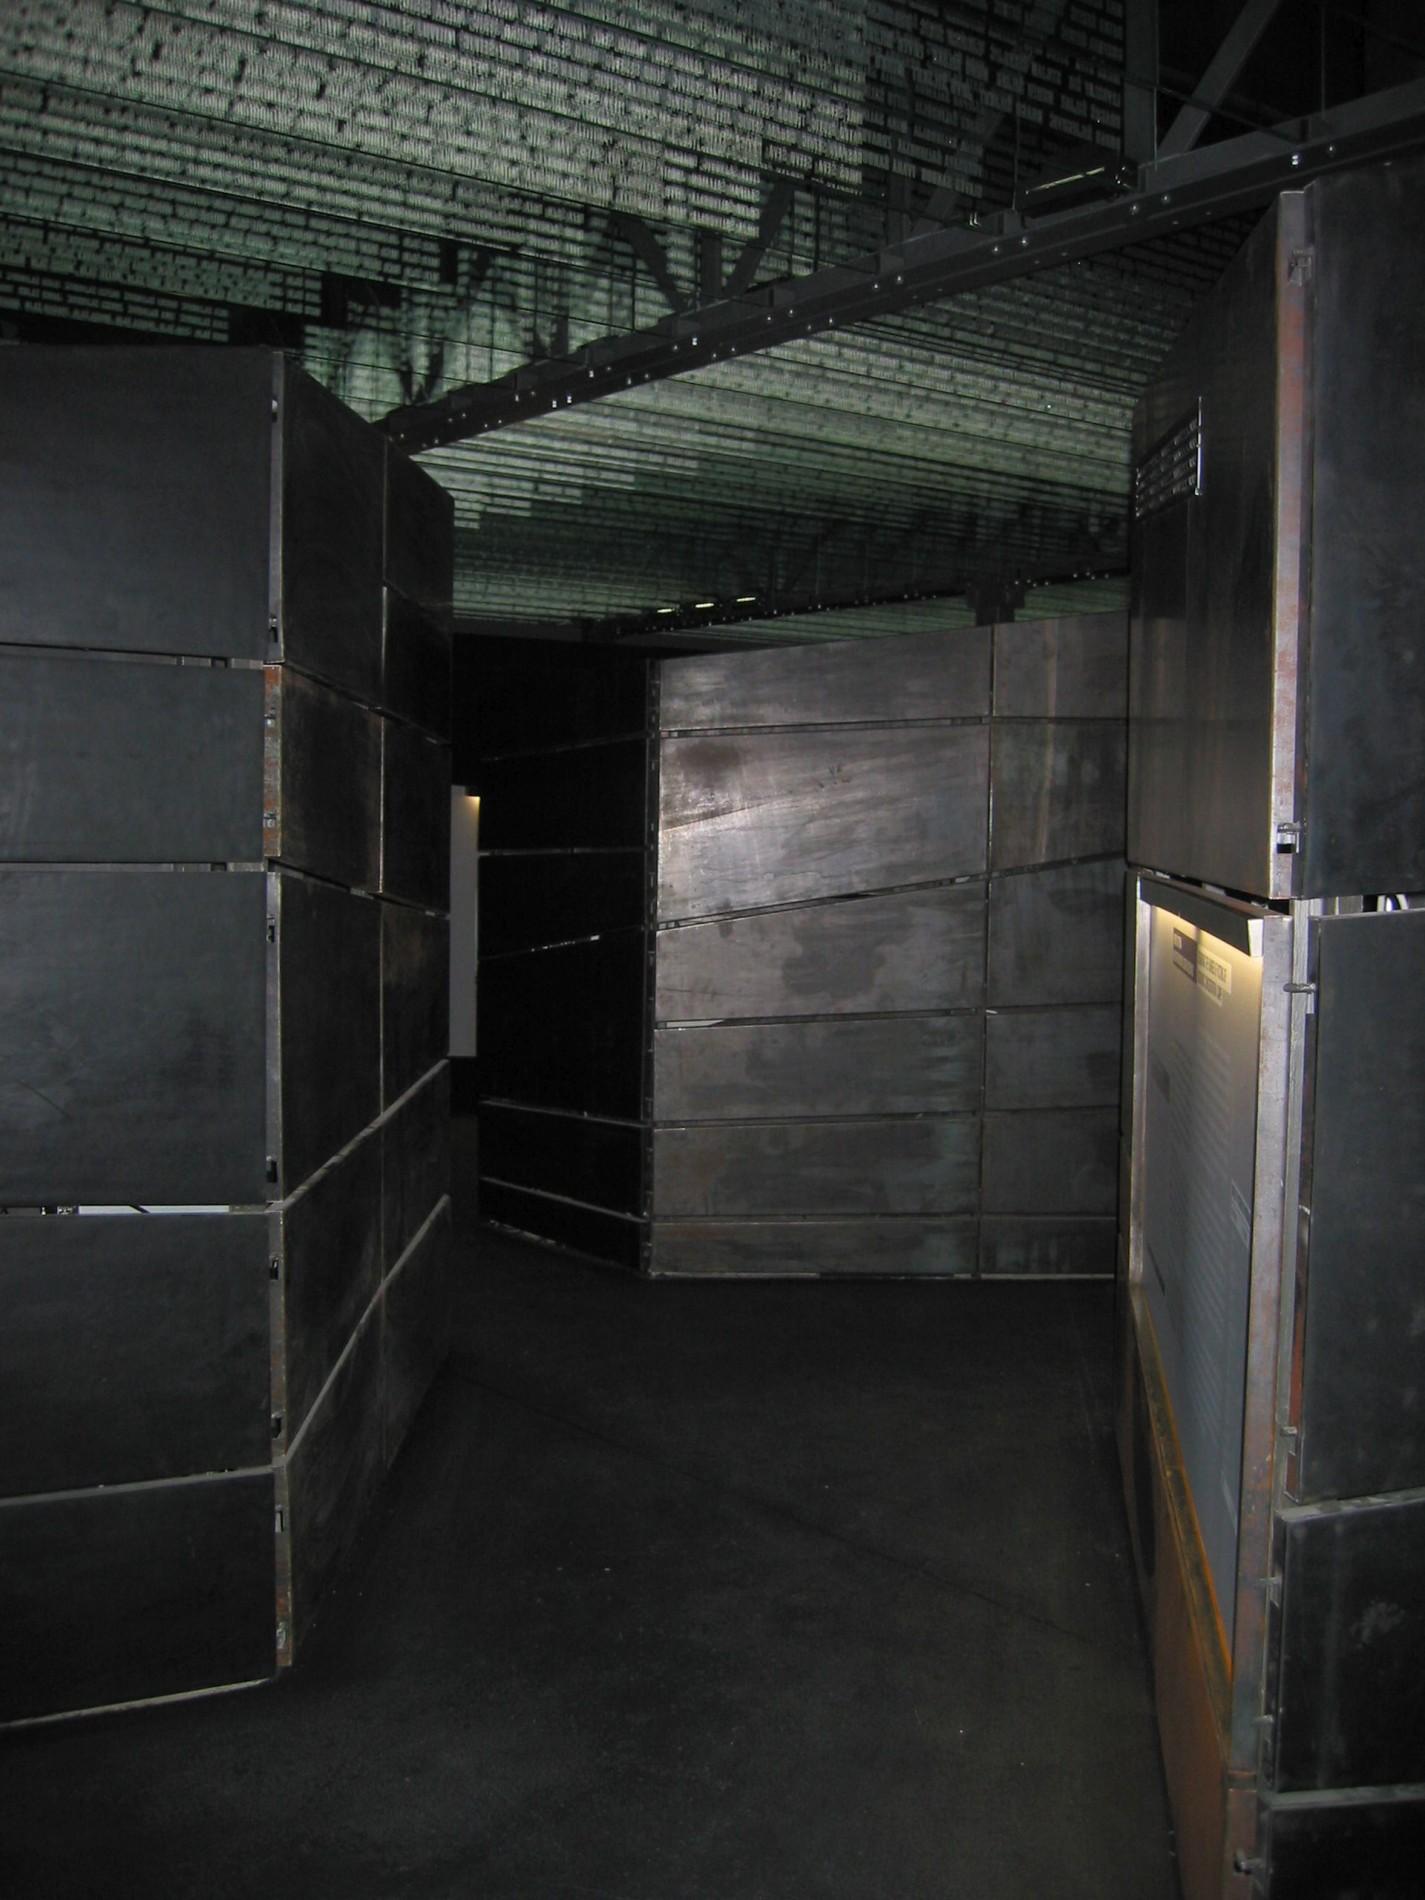 Jasenovac, memorijalni centar, helena njirić, upi-2m, konstrukcija, hrvatska, memorial center, croatia, structure